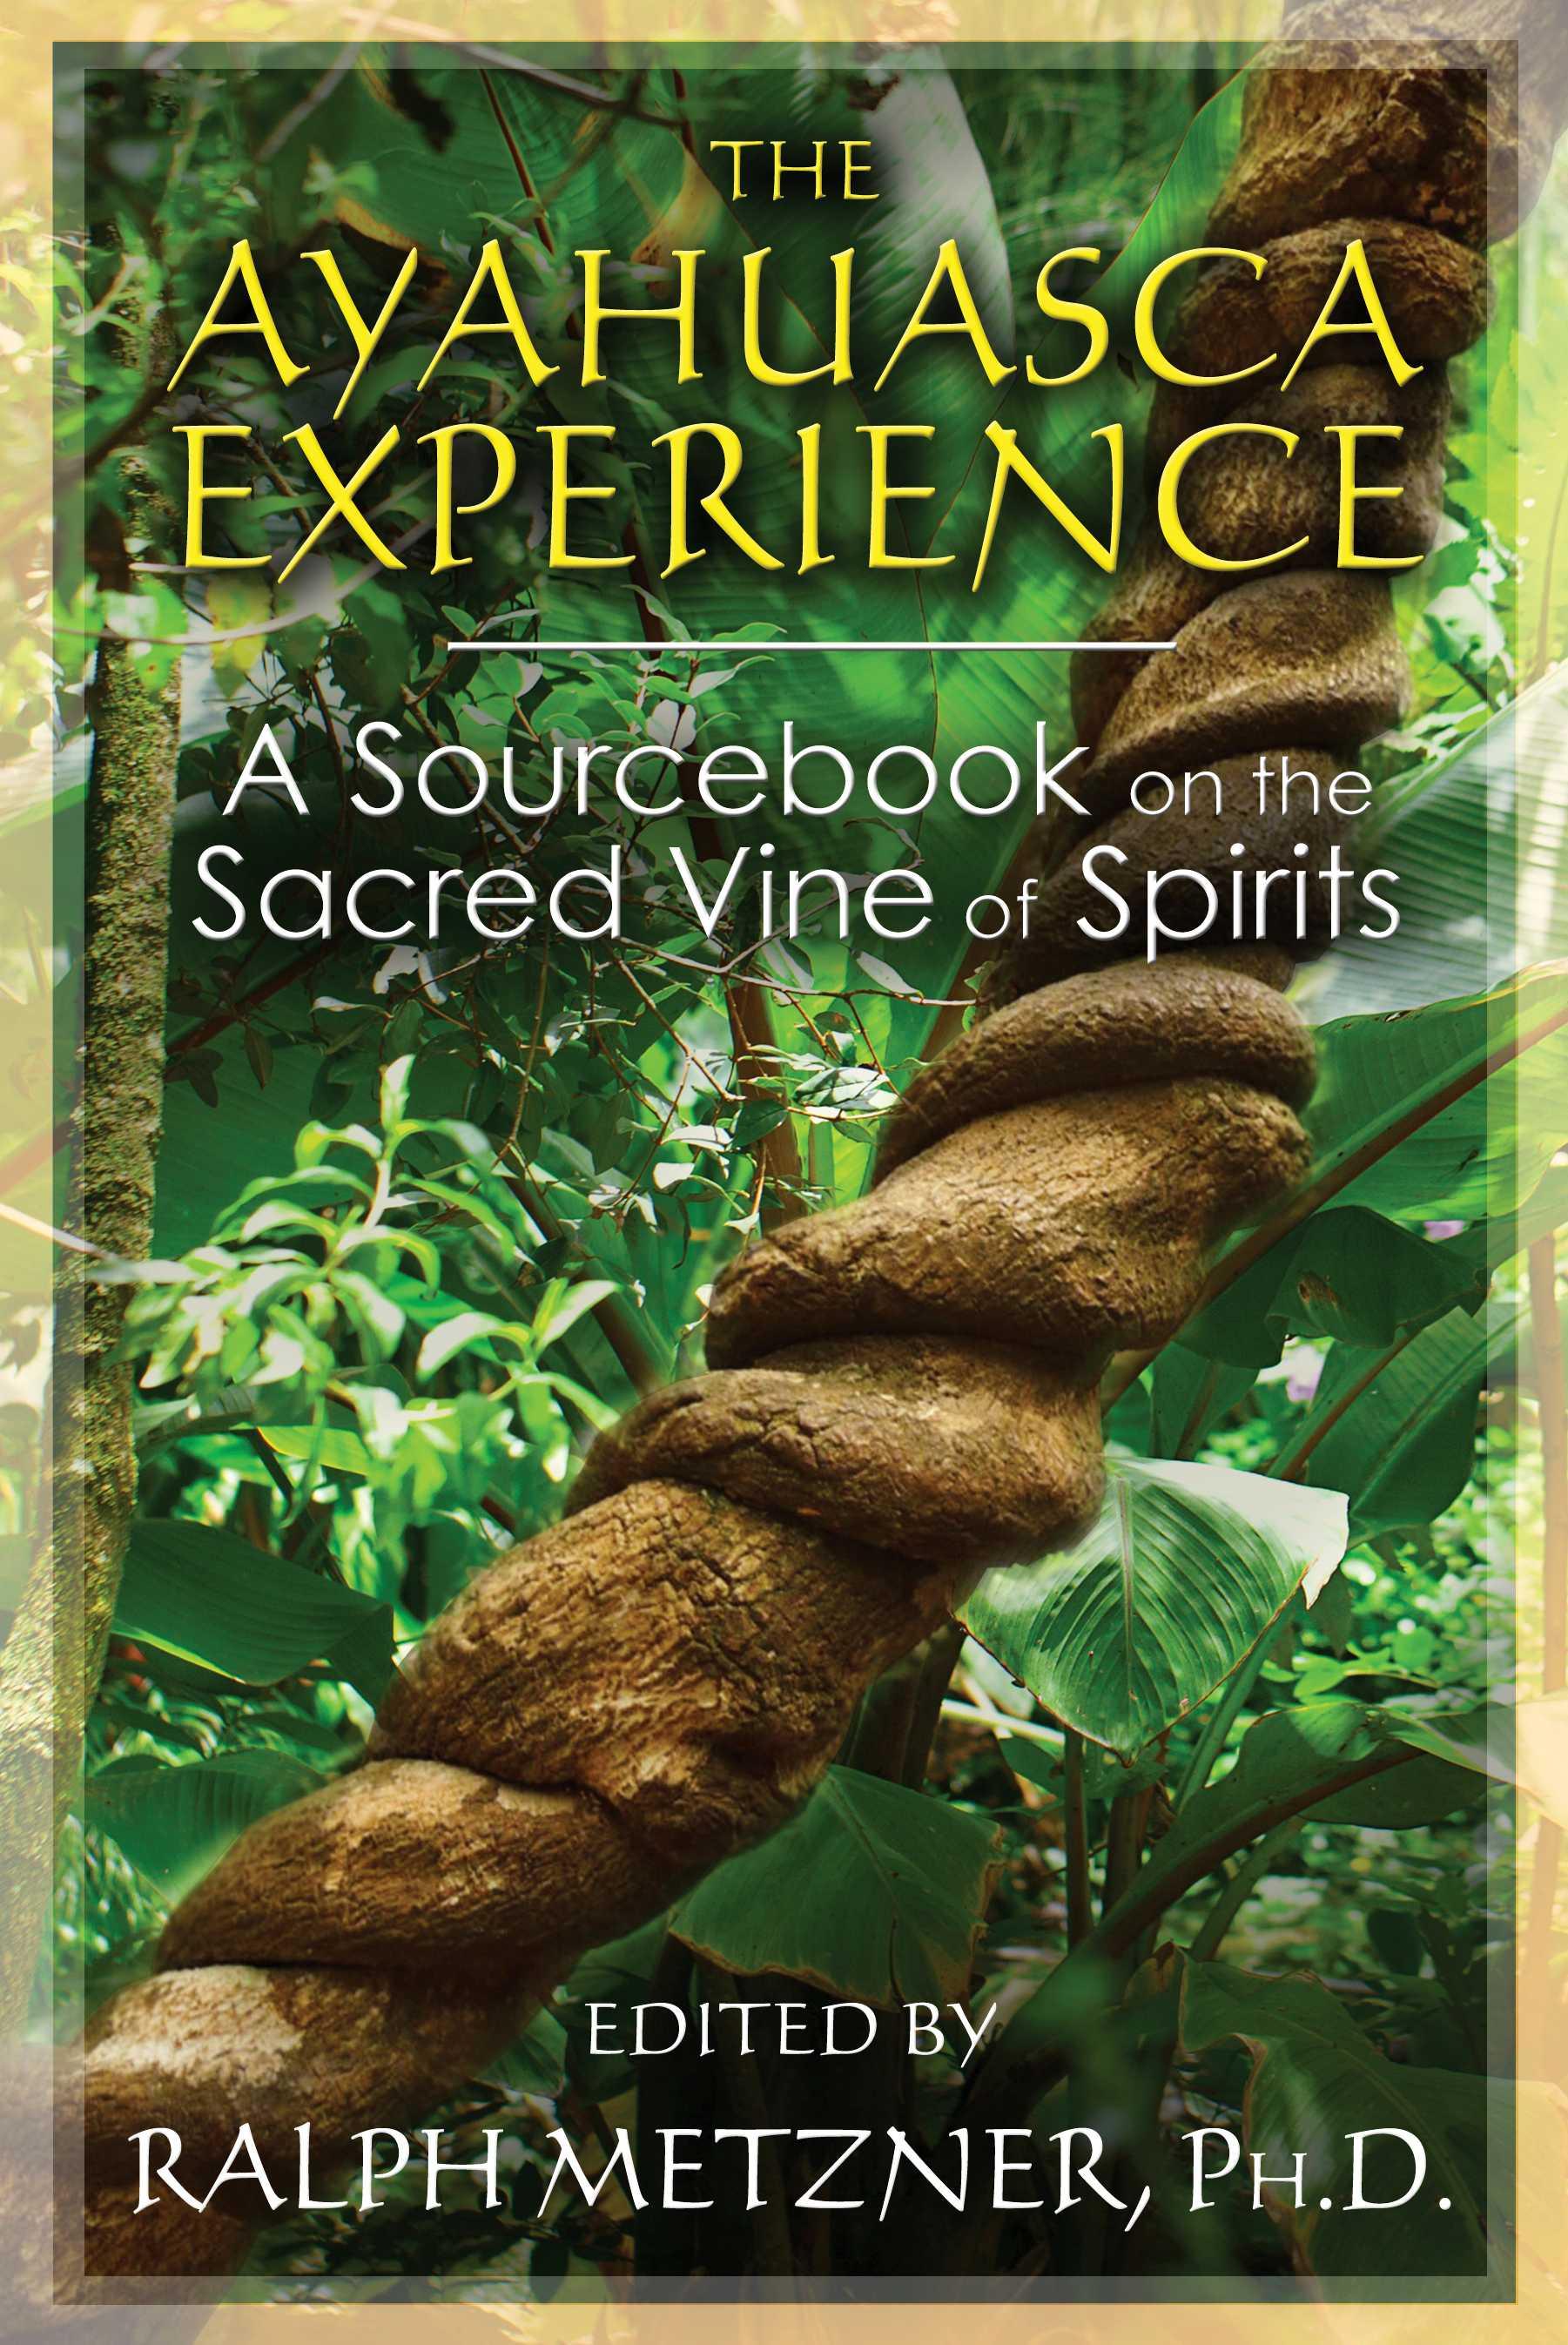 The ayahuasca experience 9781620552629 hr